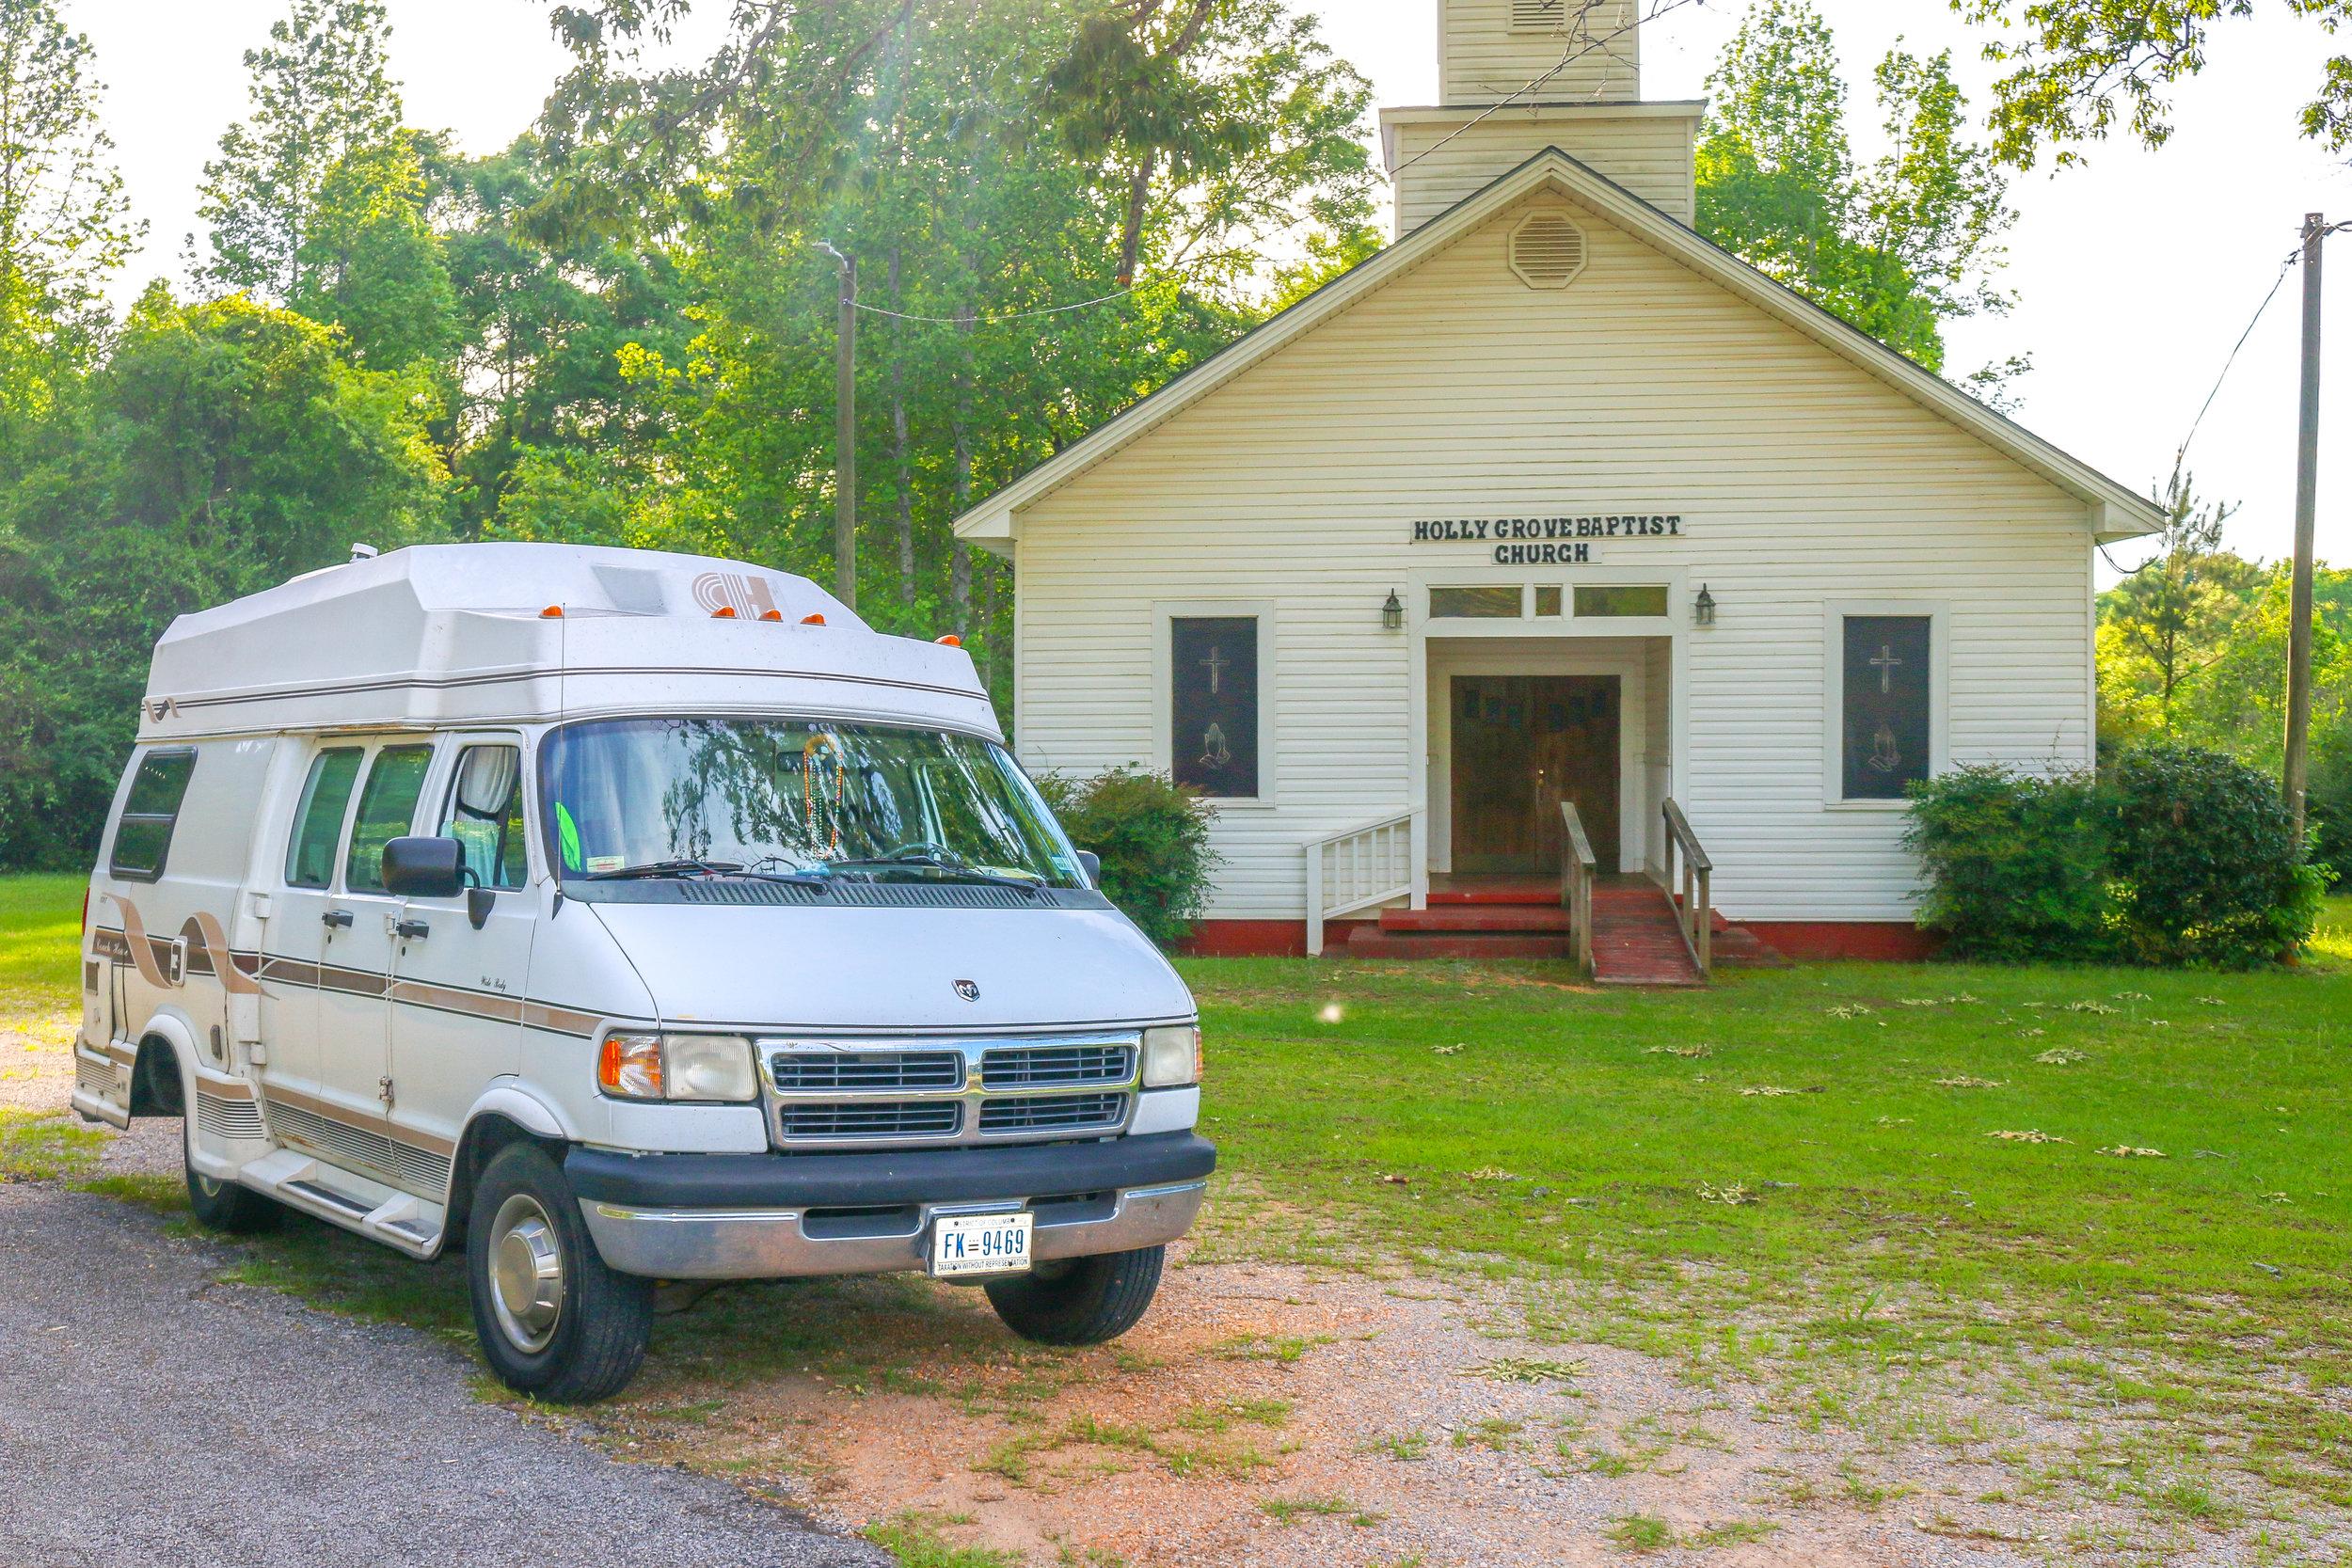 This Van is Keeping Me Rolling in Alabama